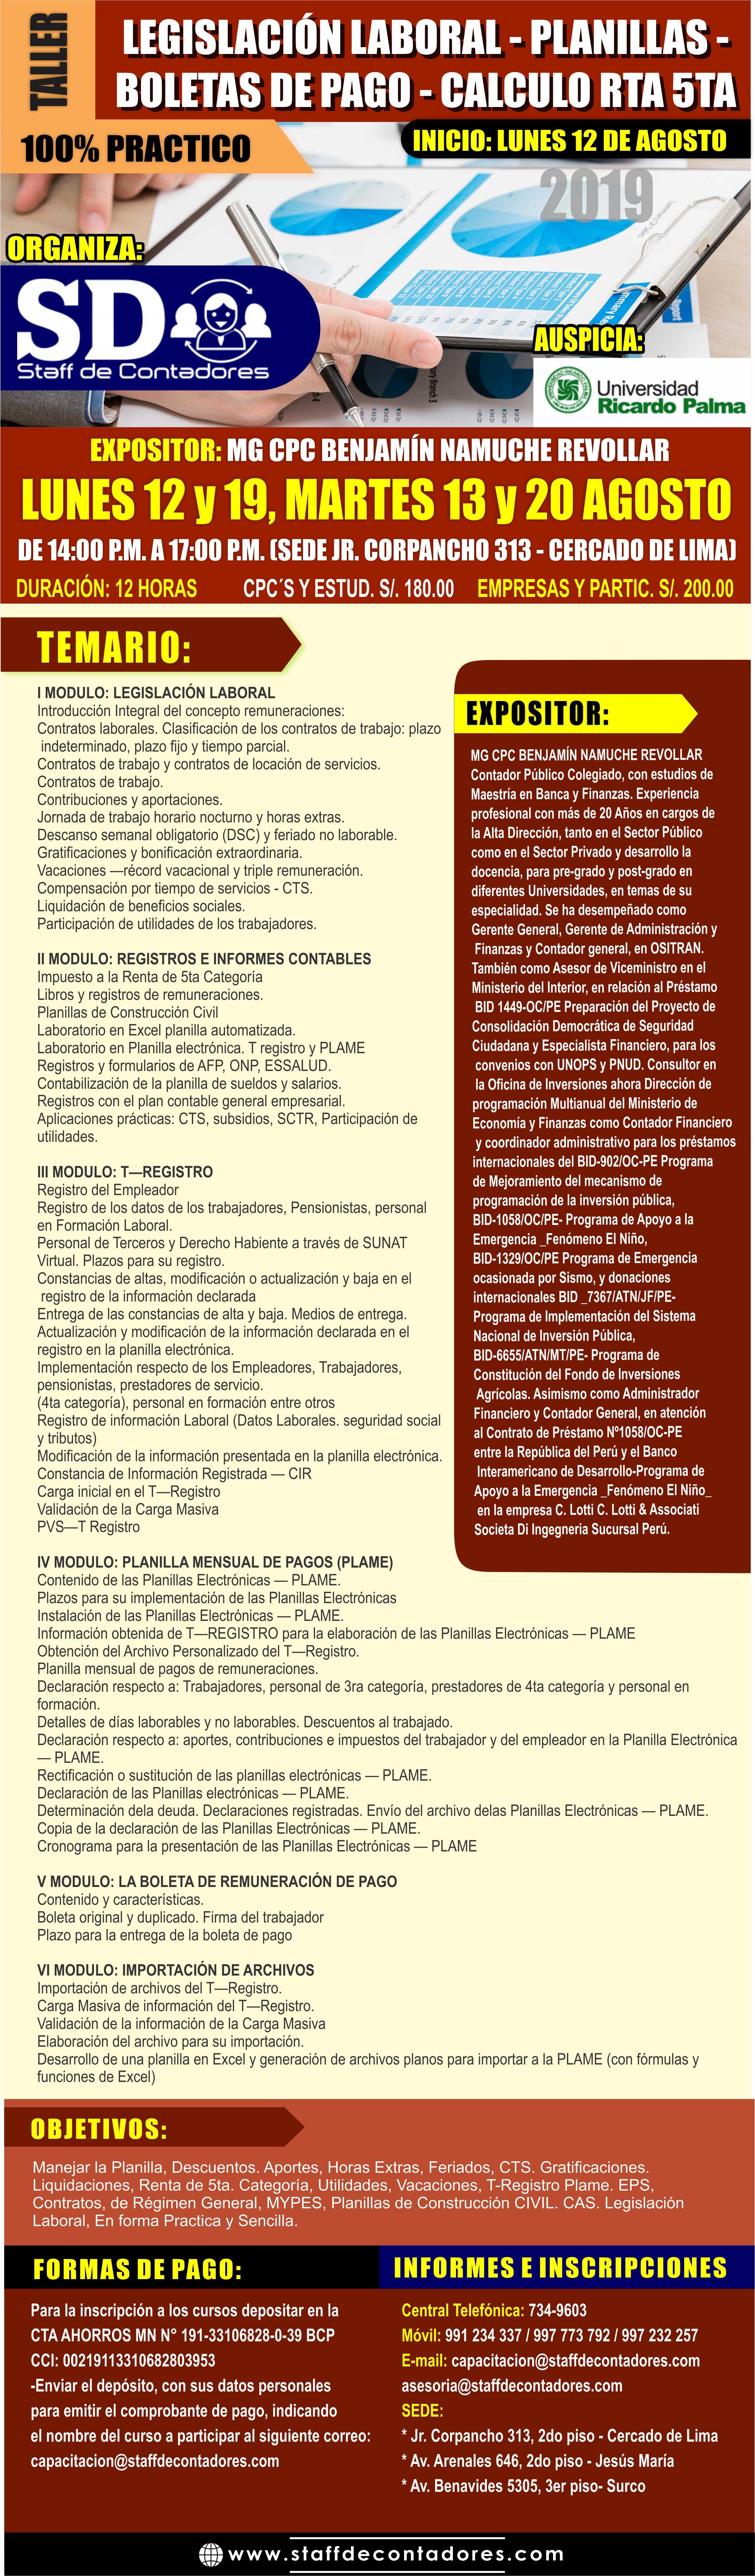 legislacion-laboral-planillas